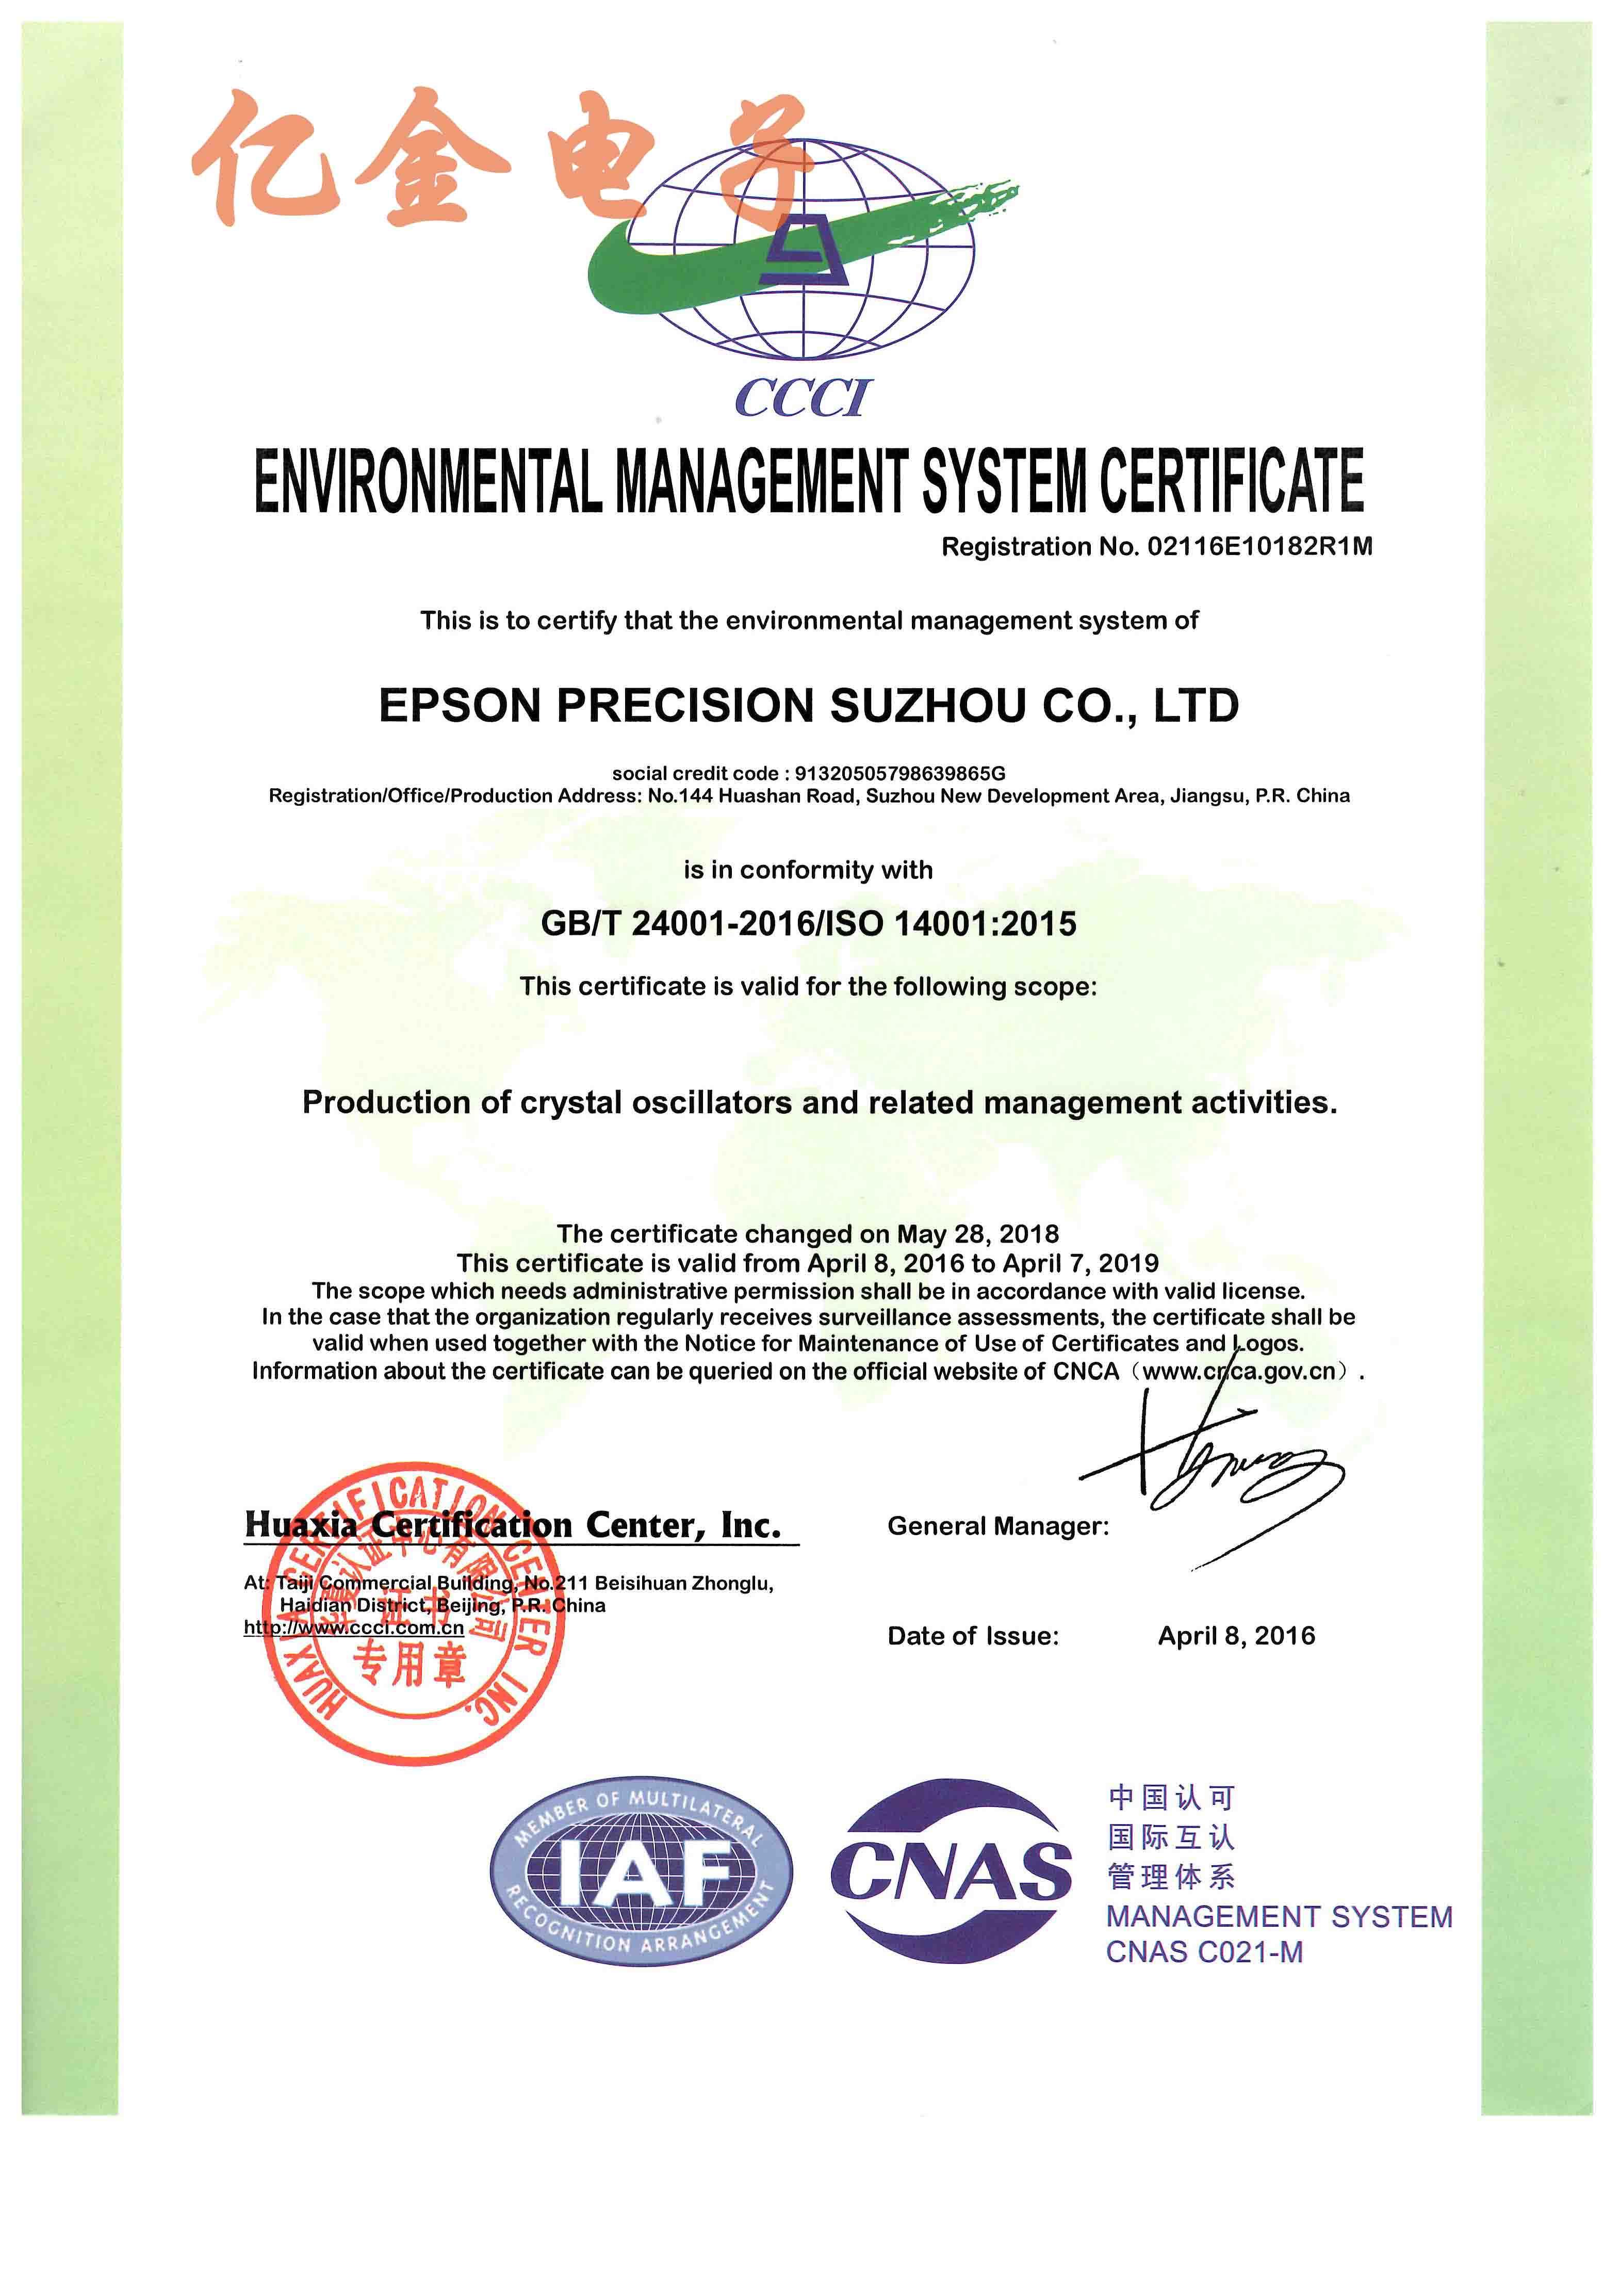 EPSON晶振ISO国际质量管理认证